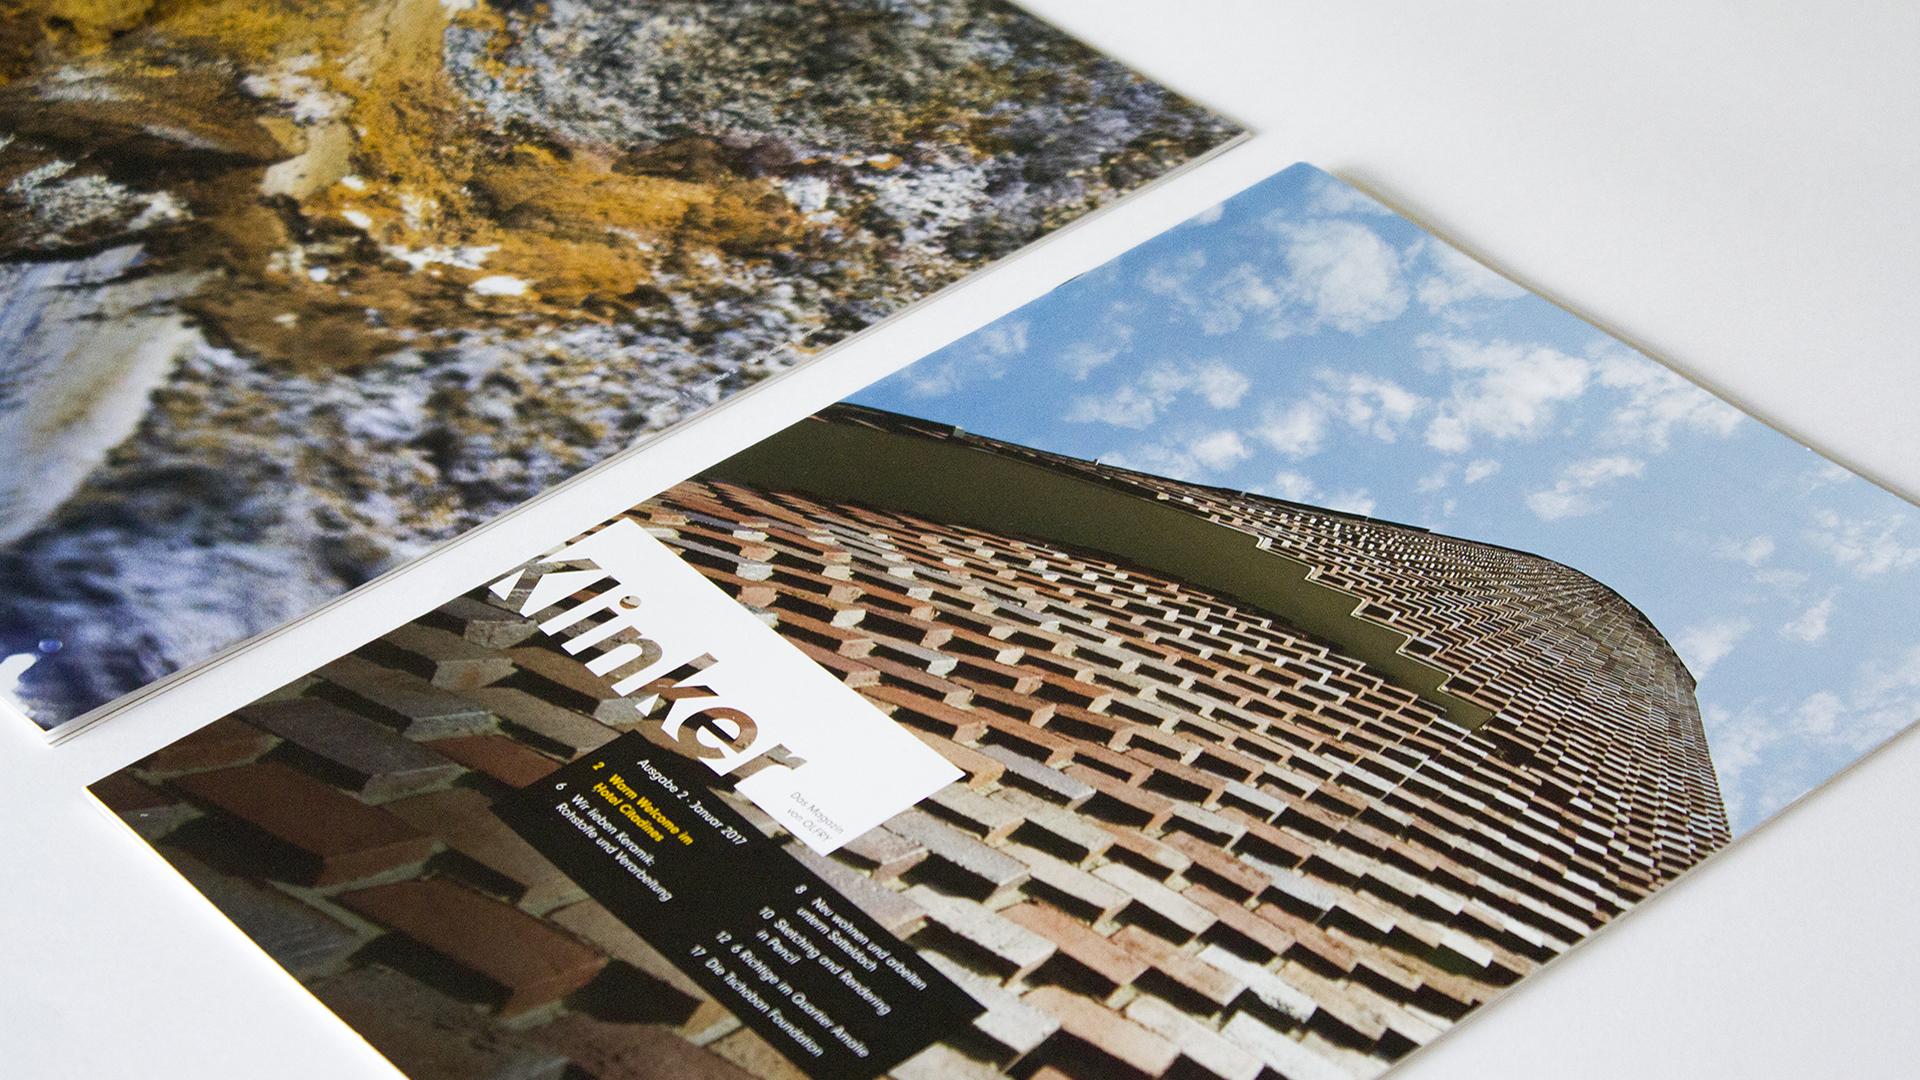 Olfry Magazin